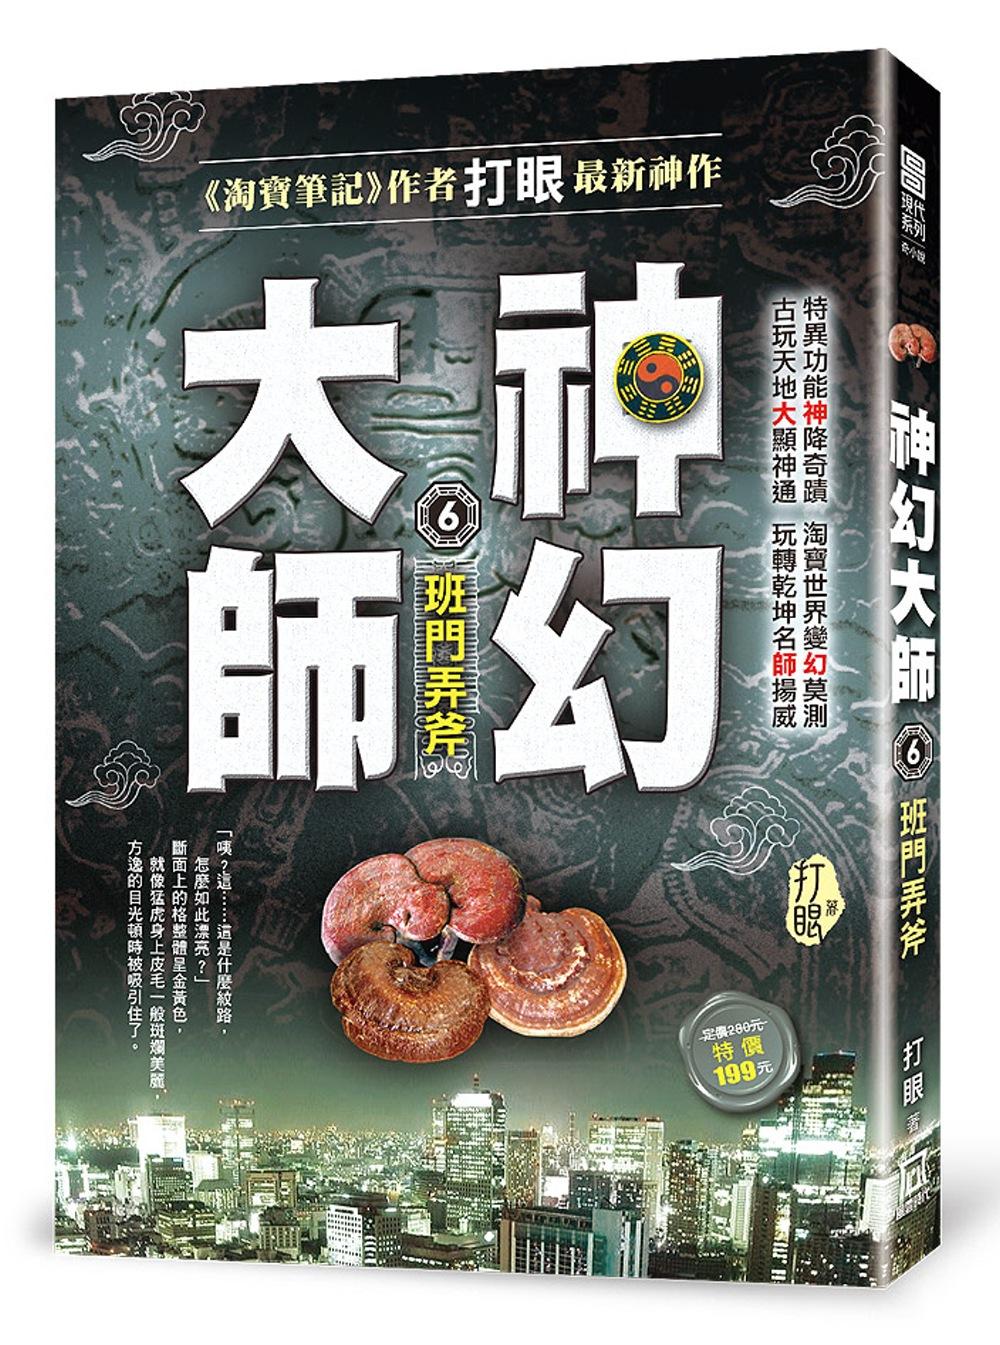 《神幻大師6:班門弄斧》 商品條碼,ISBN:9789863525141